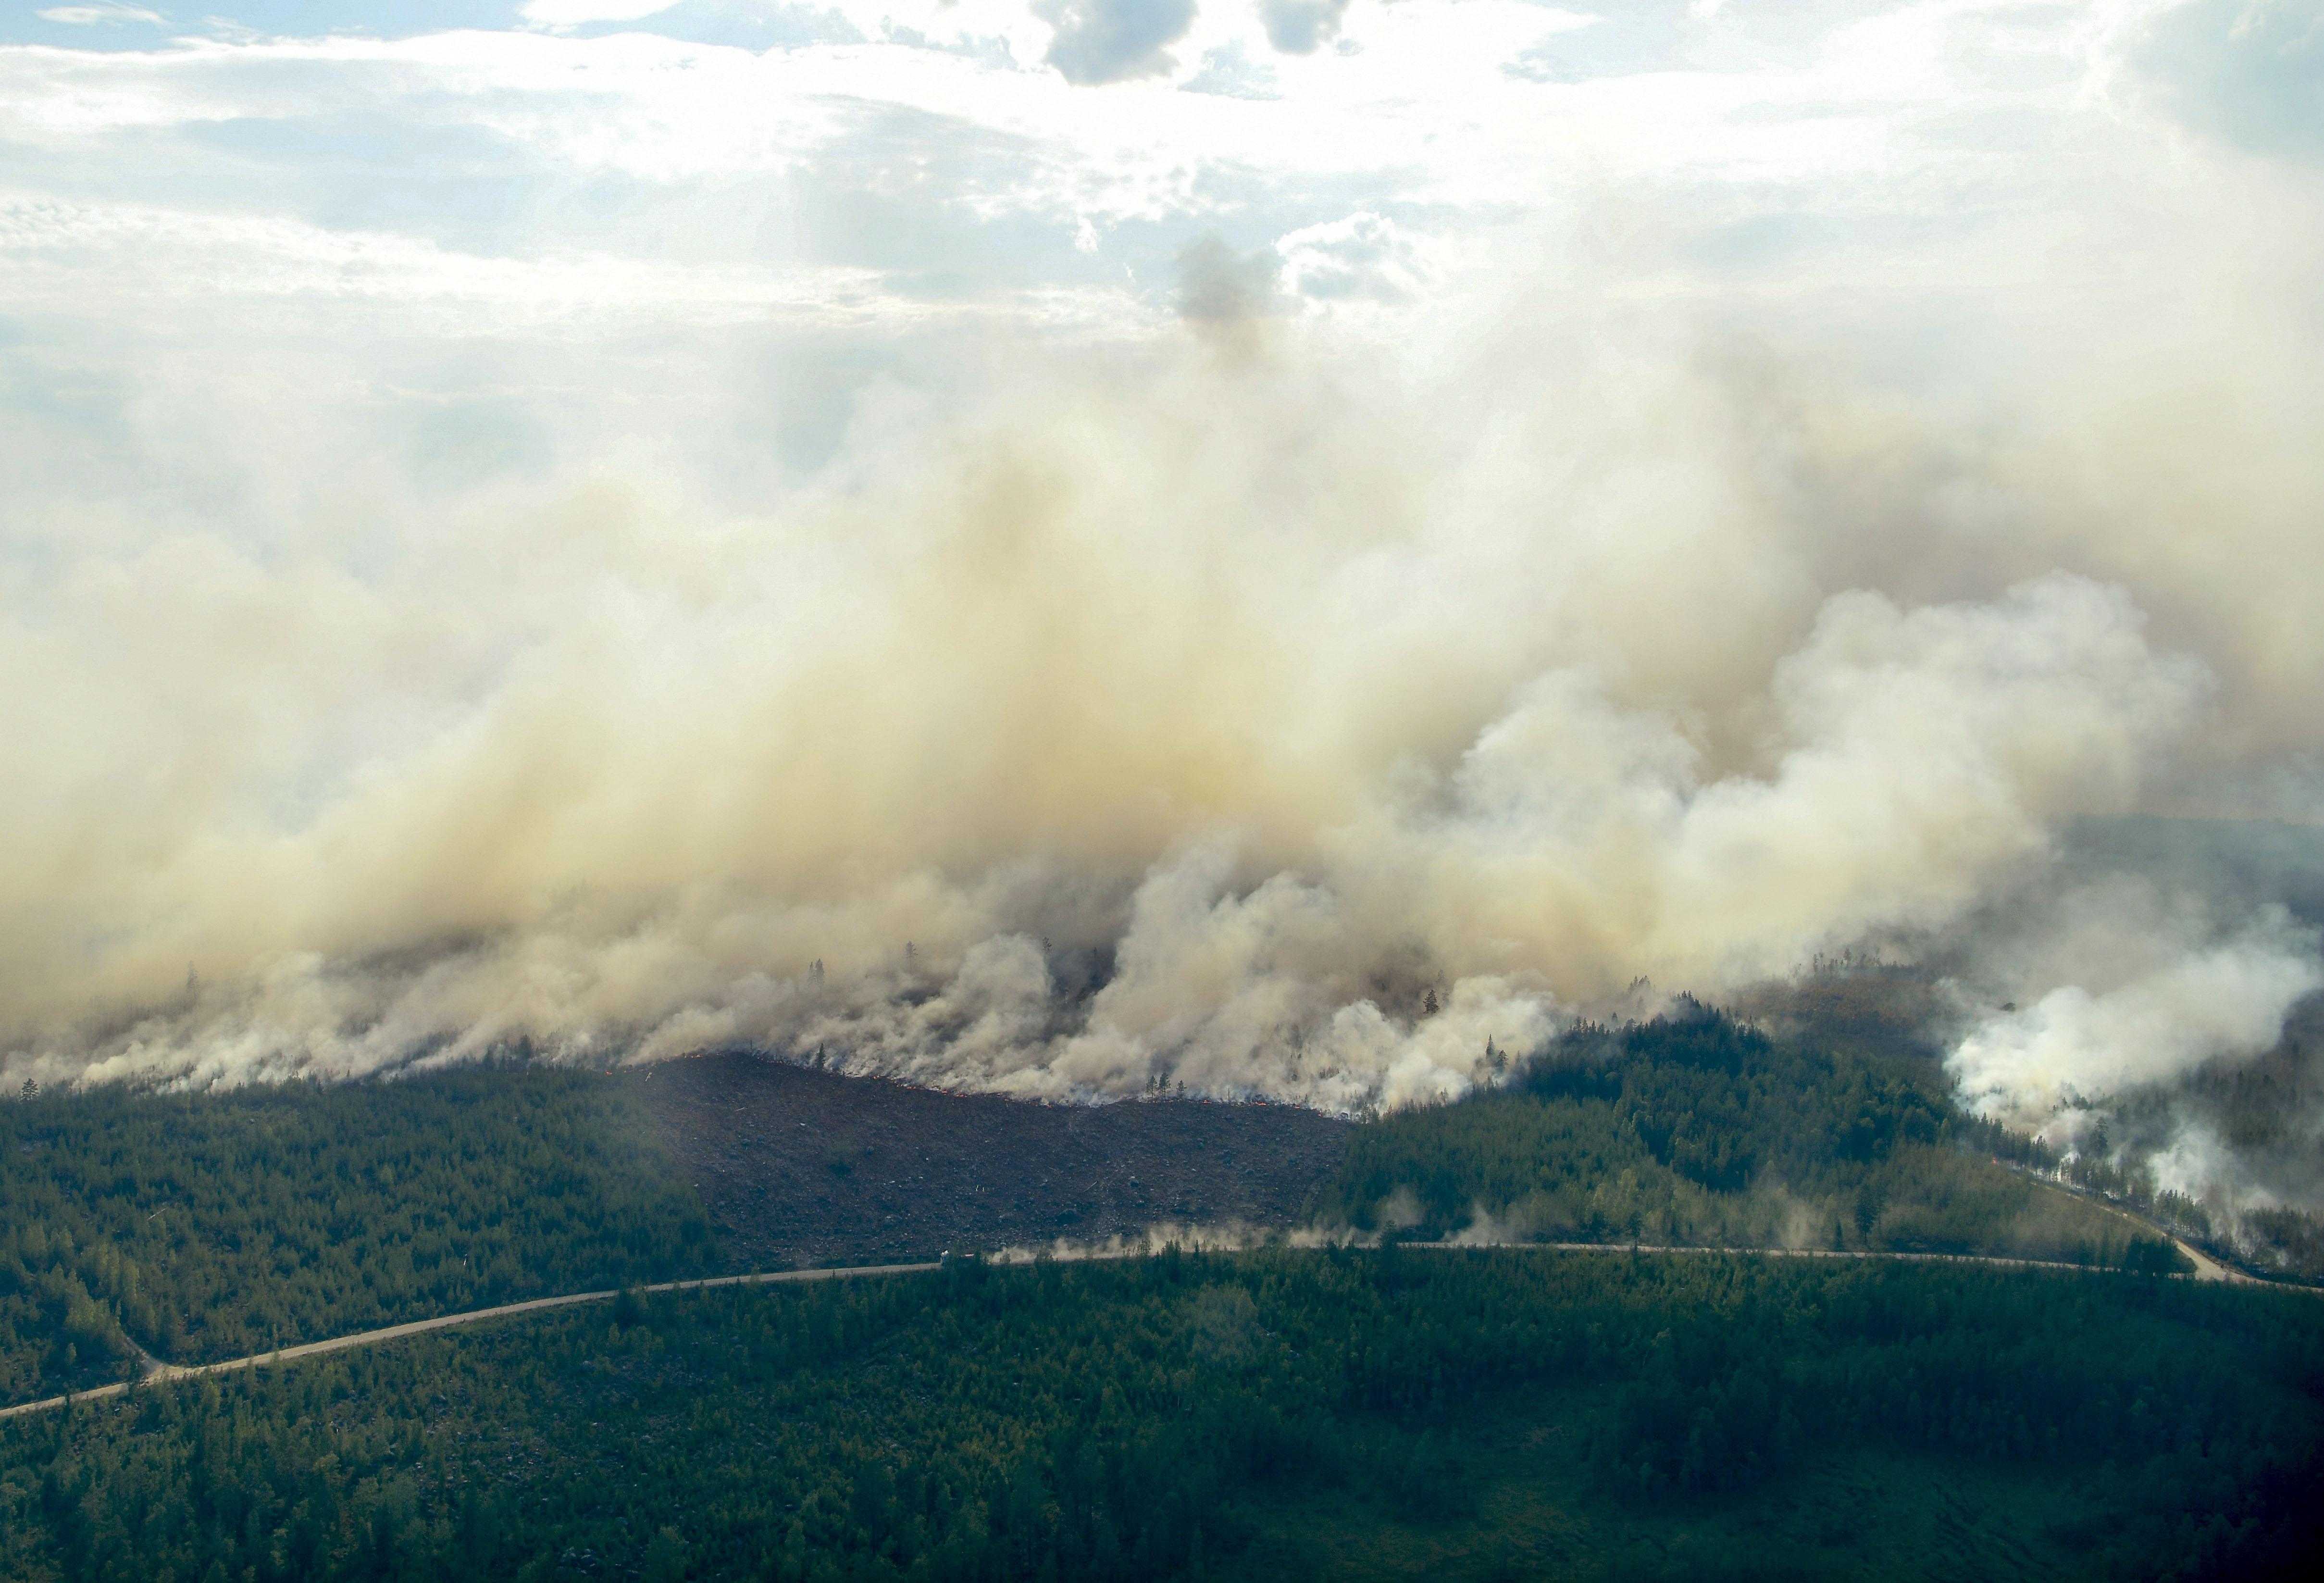 Nem elég a járvány, fokozott tűzveszély is van hét magyar megyében